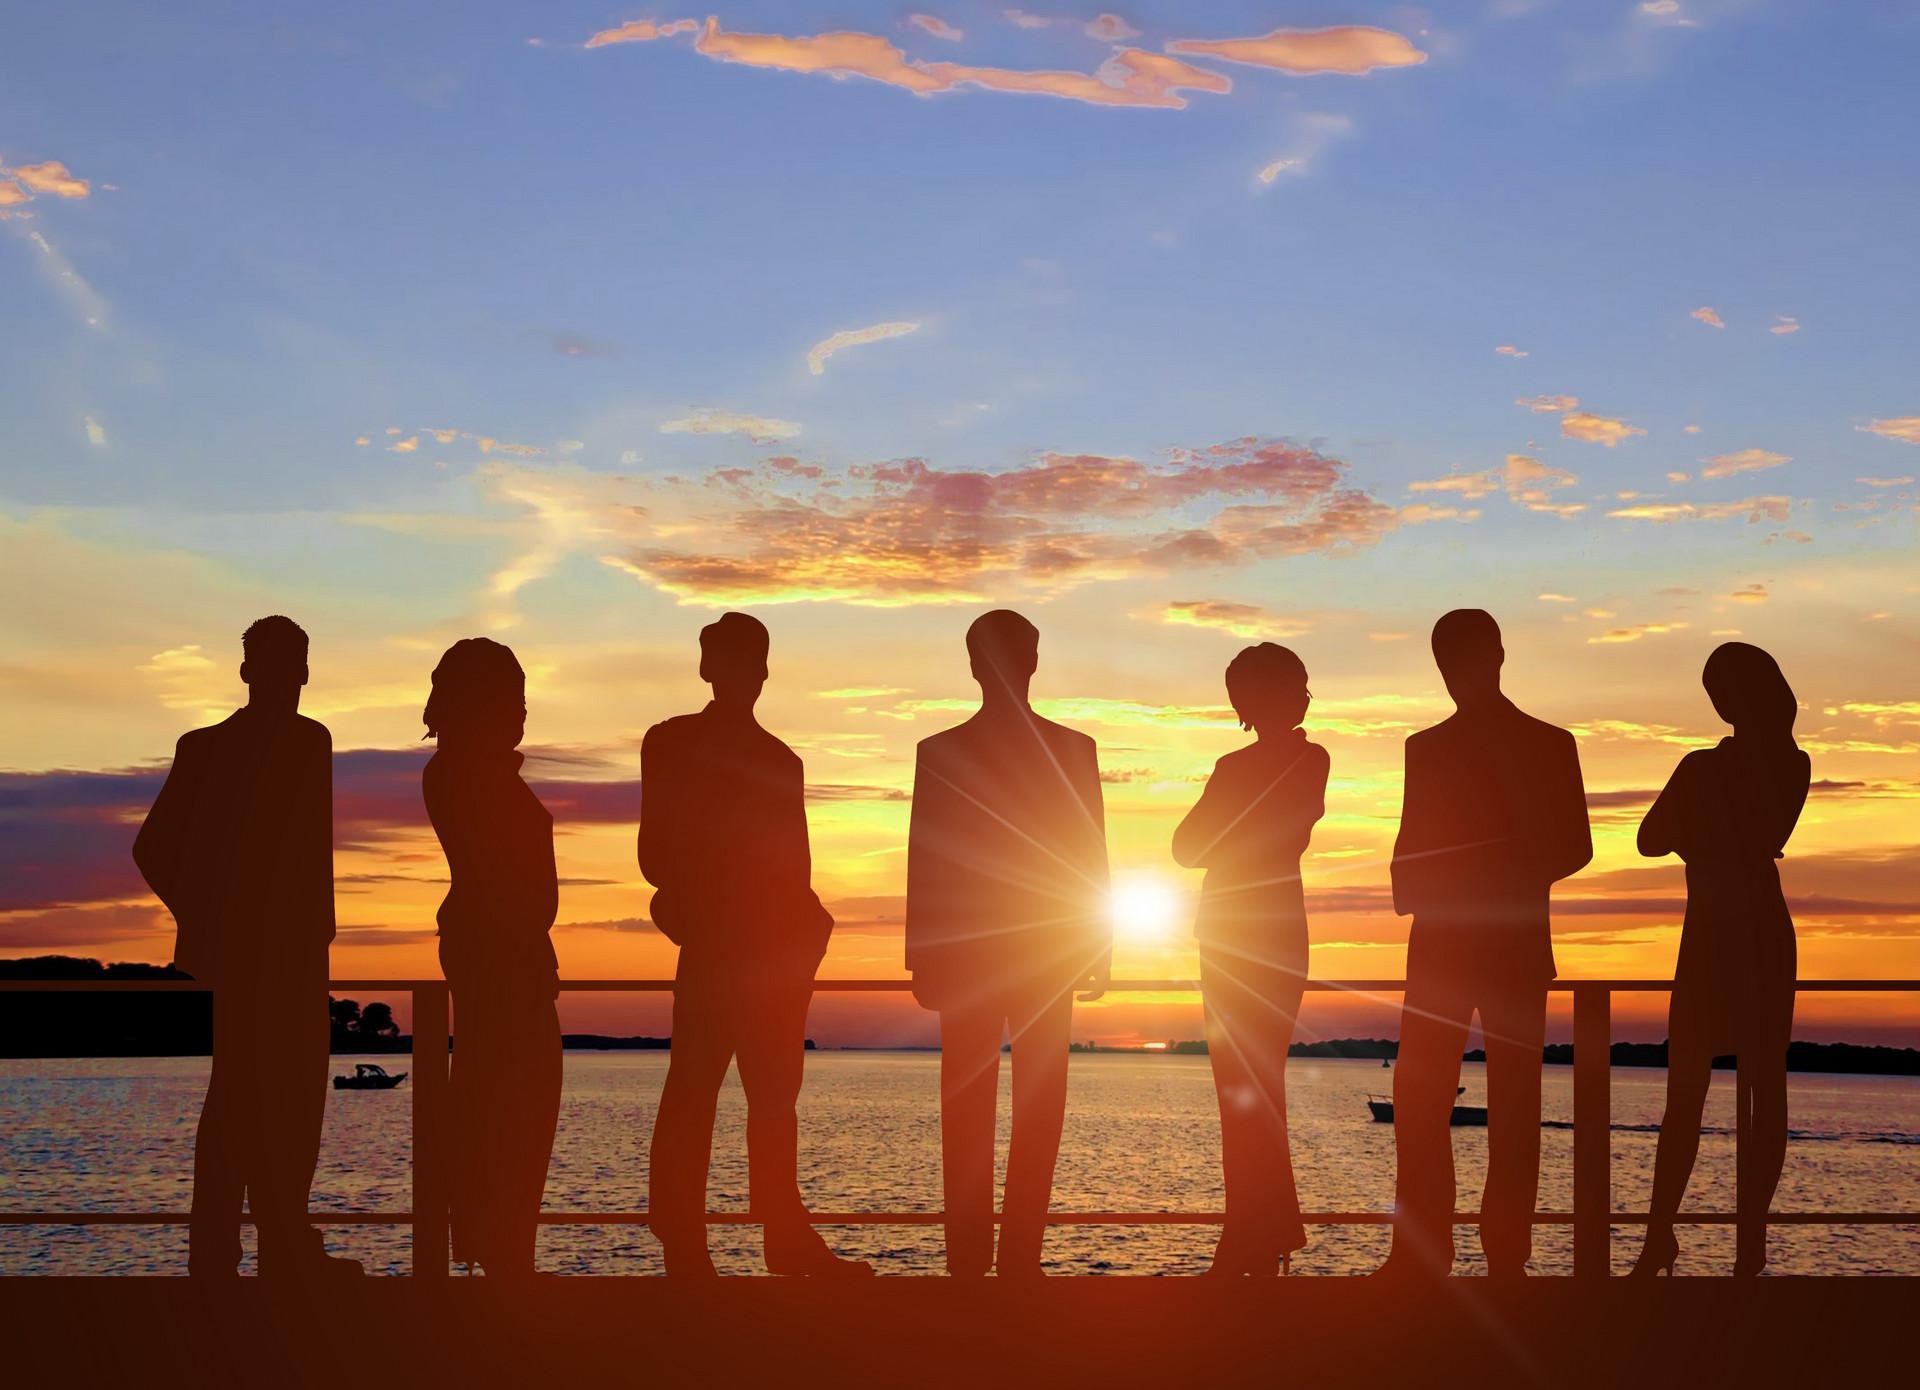 职场菜鸟晋级秘籍,破冰社交,建立稳定的同事关系